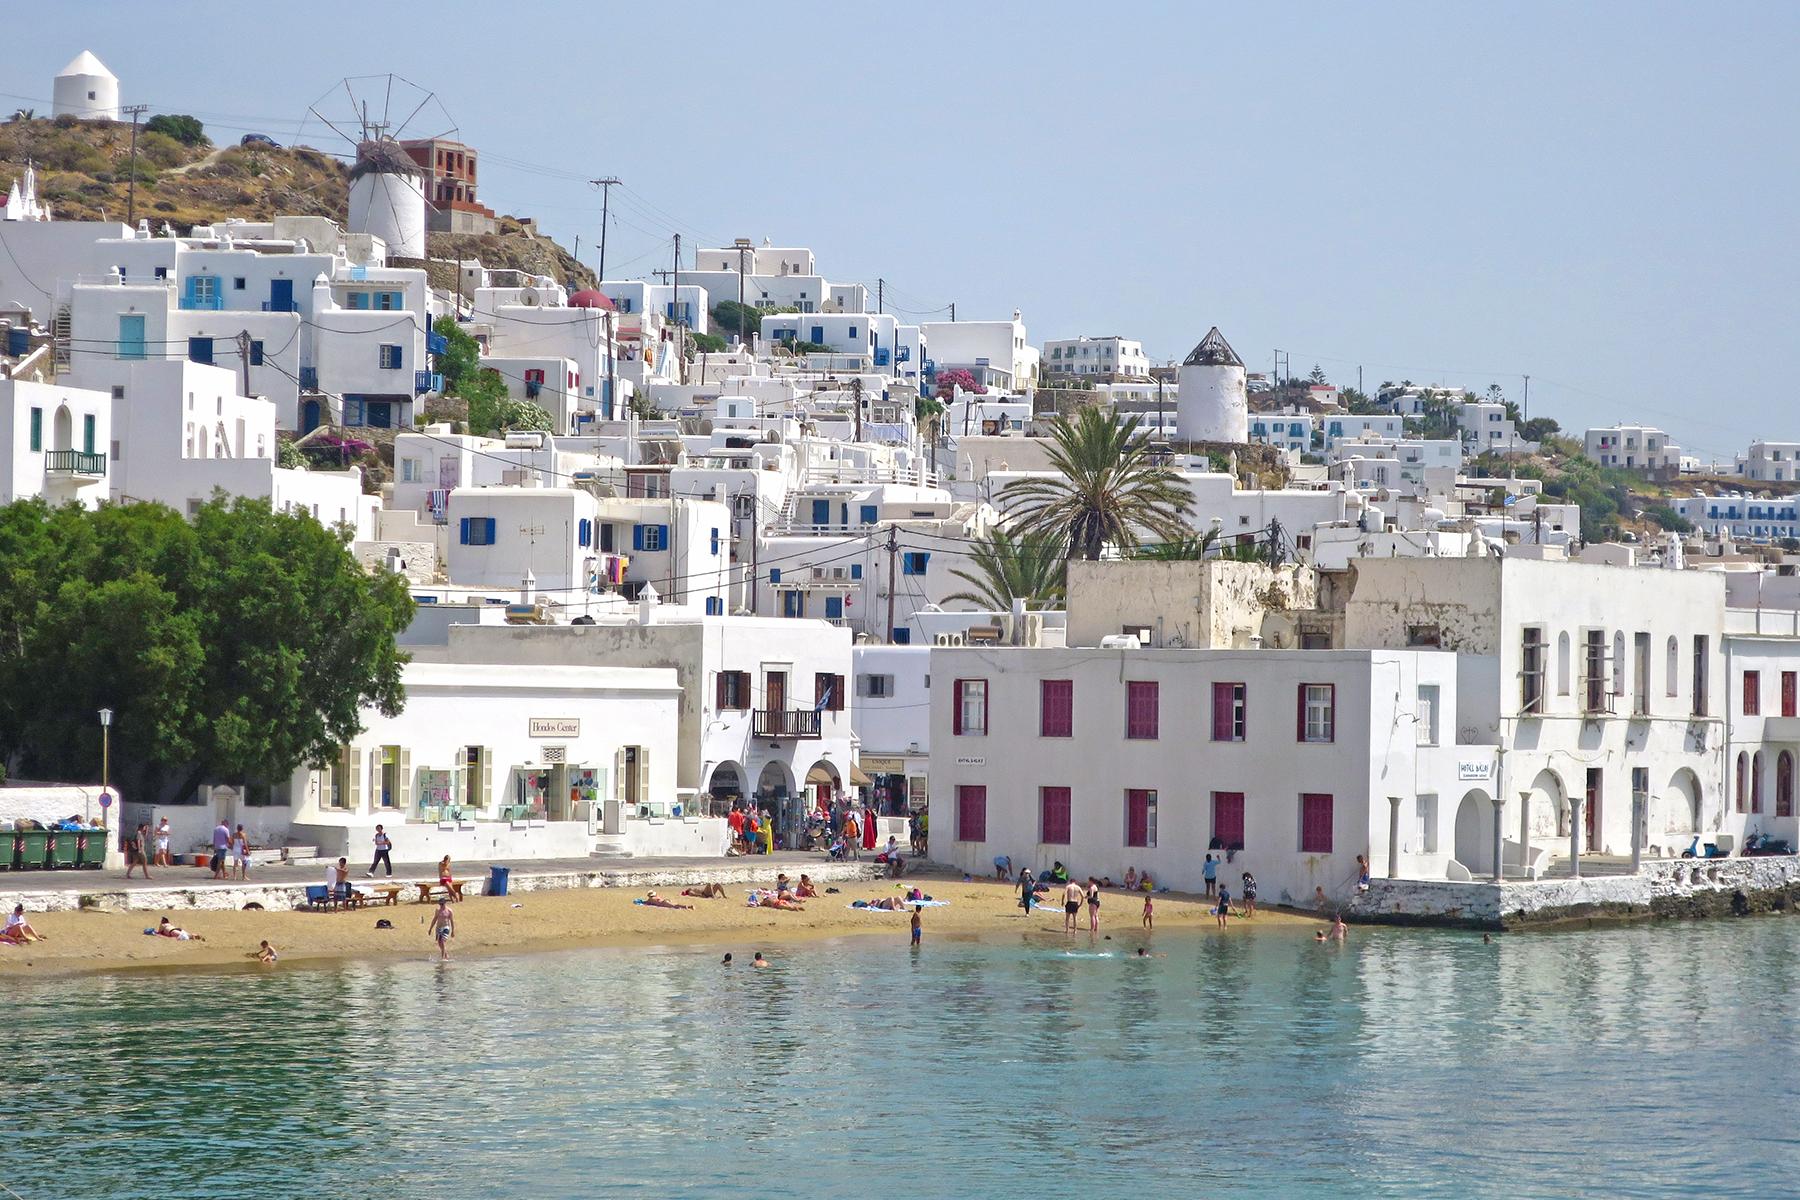 Mykonos-Urlaub: 7 Tipps für einen Zwischenstopp auf Mykonos